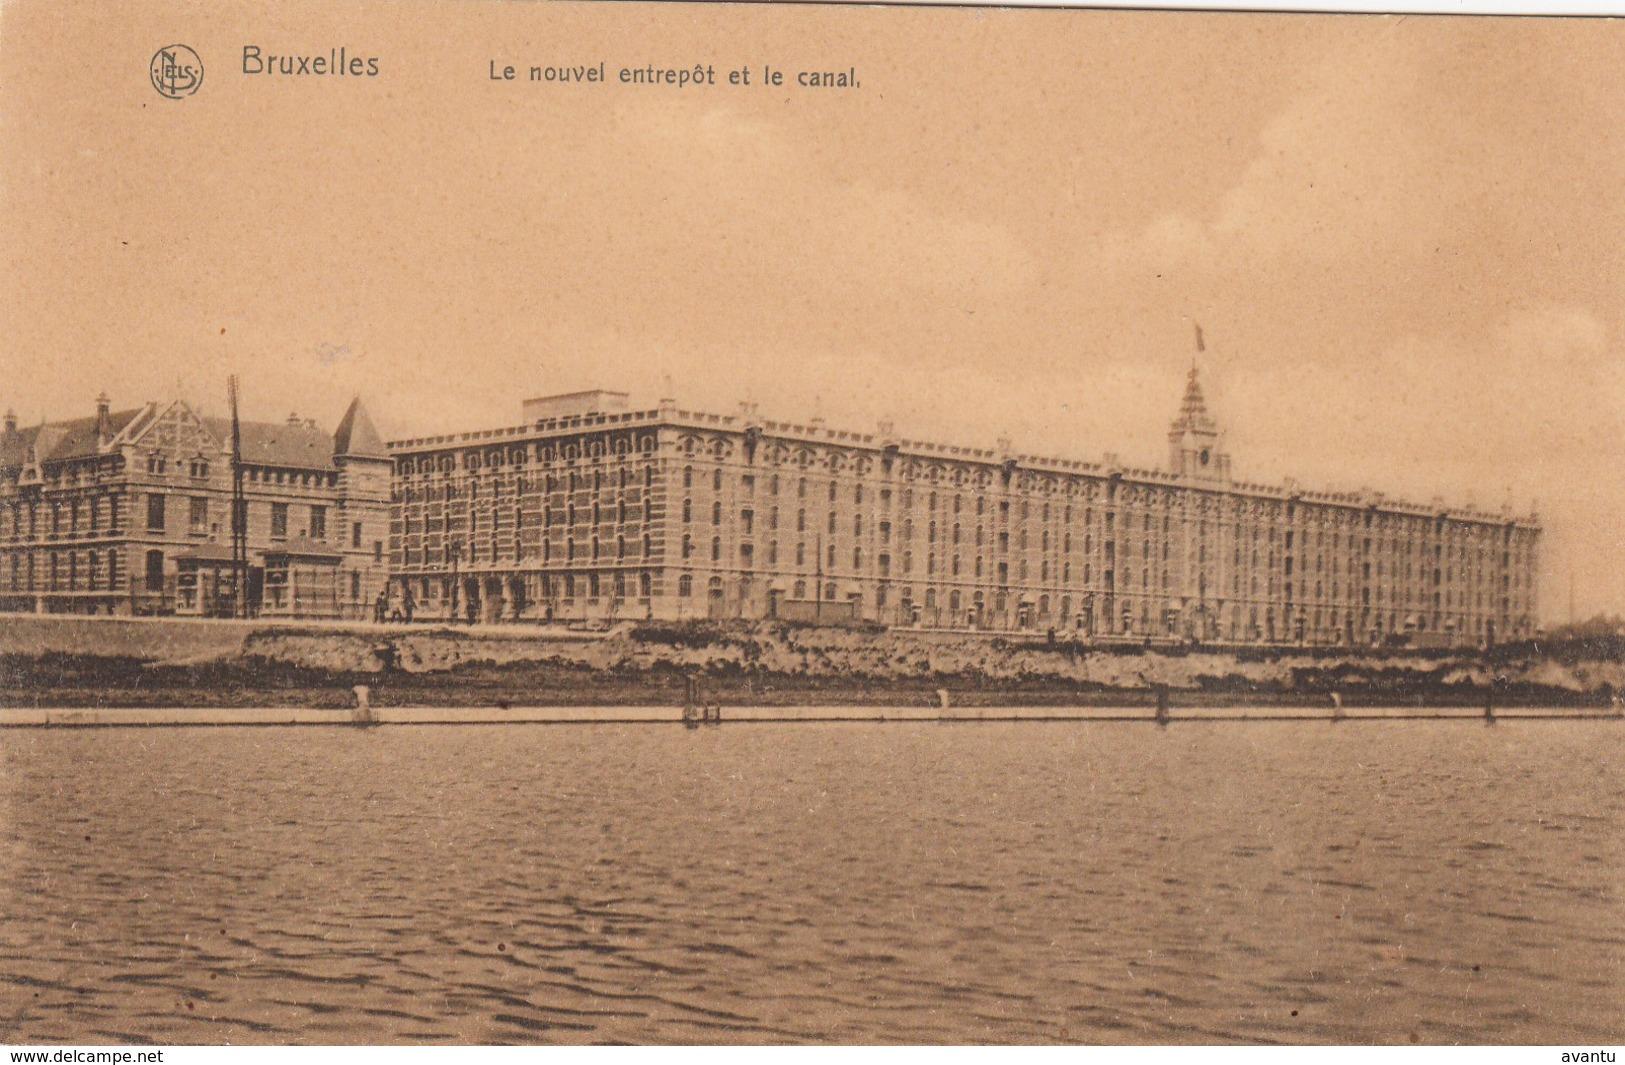 BRUXELLES / BRUSSEL / MARITIME / LE NOUVEL ENTREPOT ET LE CANAL - Maritime